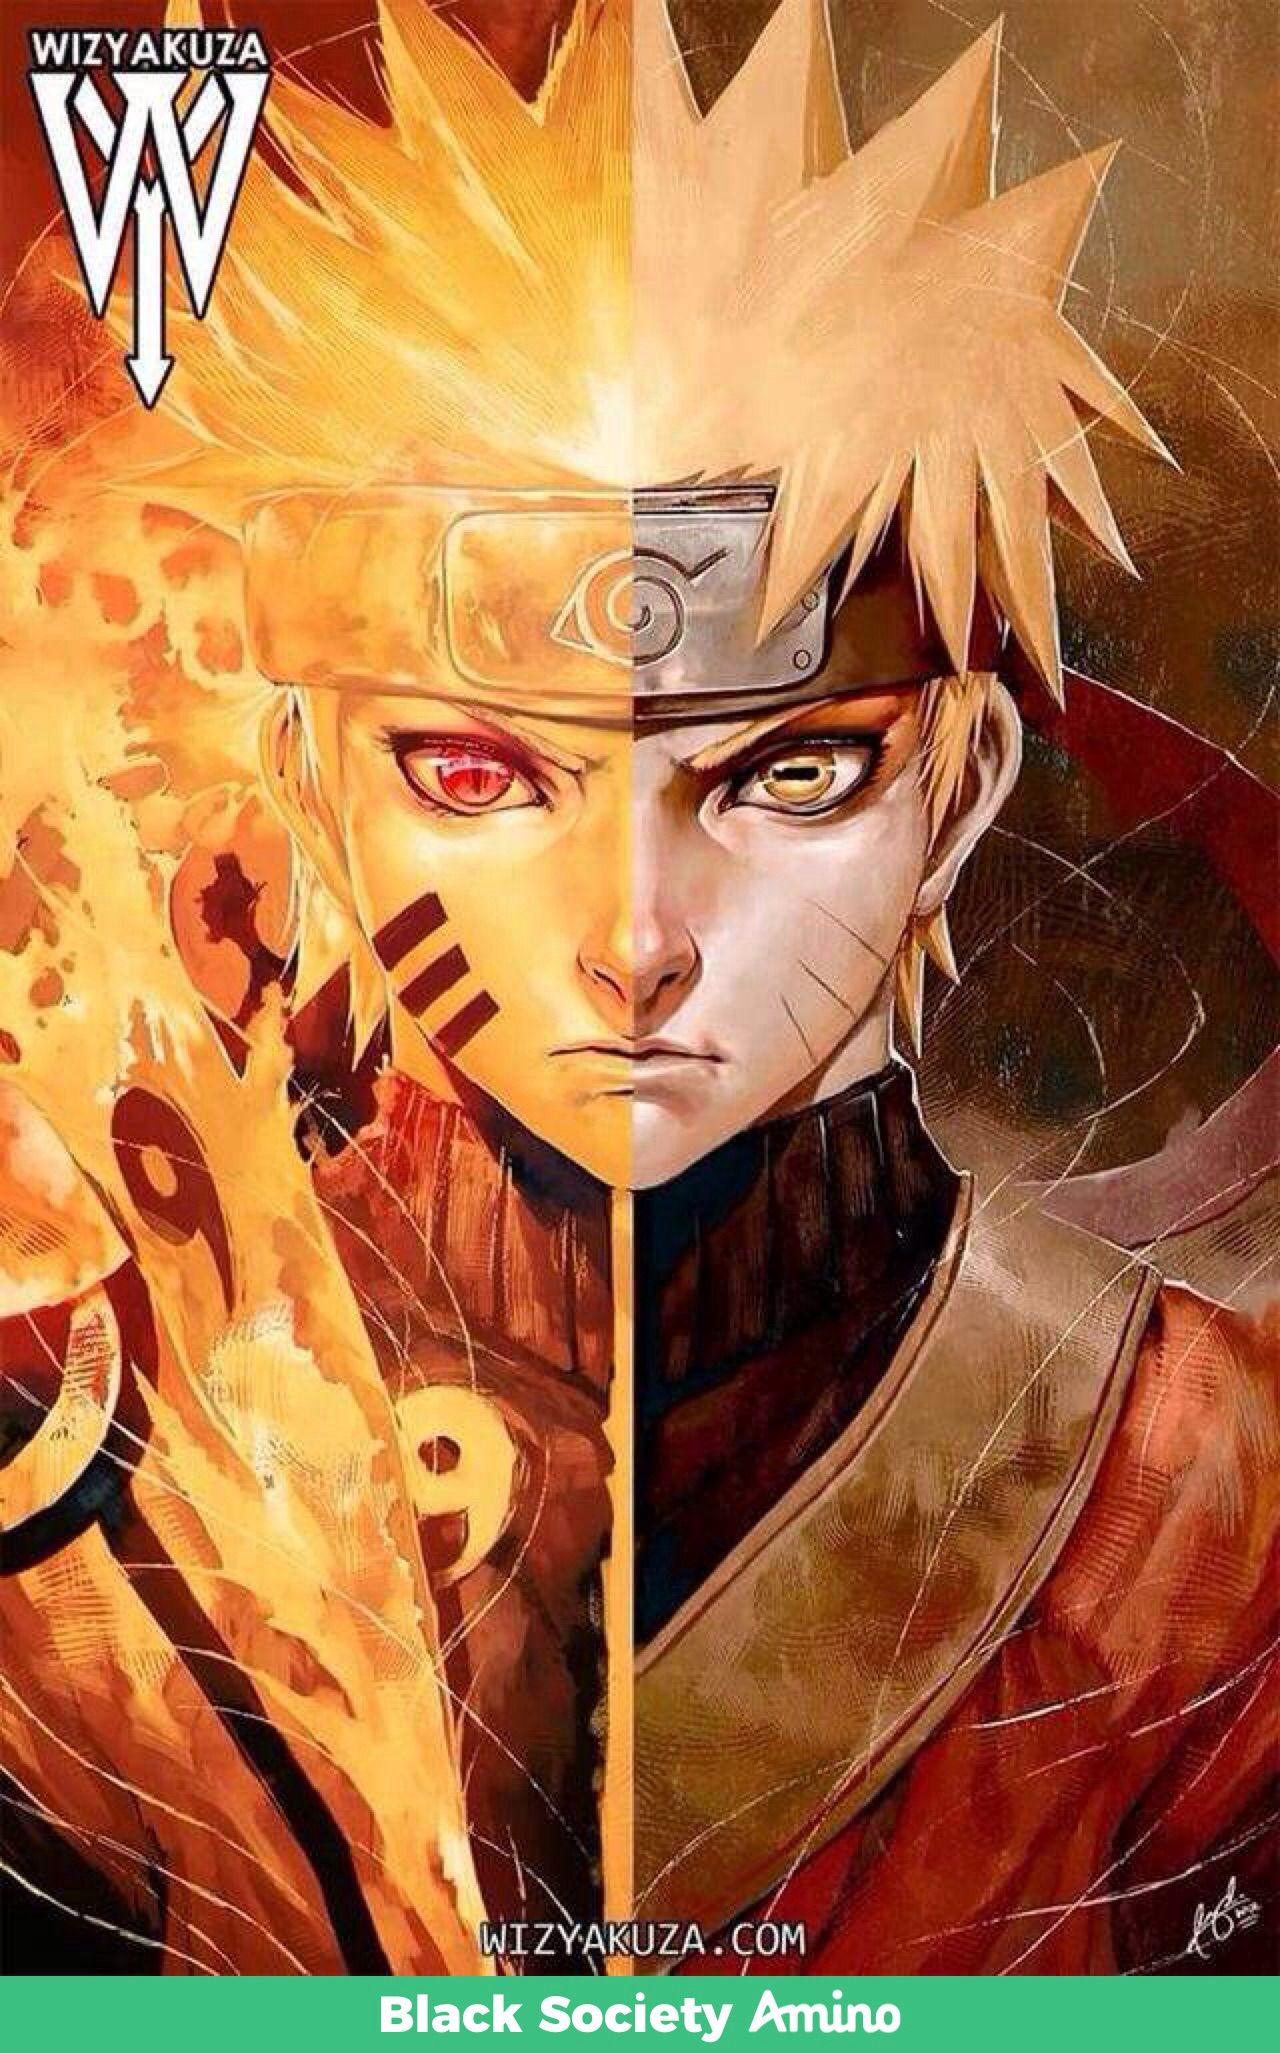 Good Wallpaper Naruto Supreme - 11fcd5769009e9599a24a2589f3f8d52  Pic.jpg